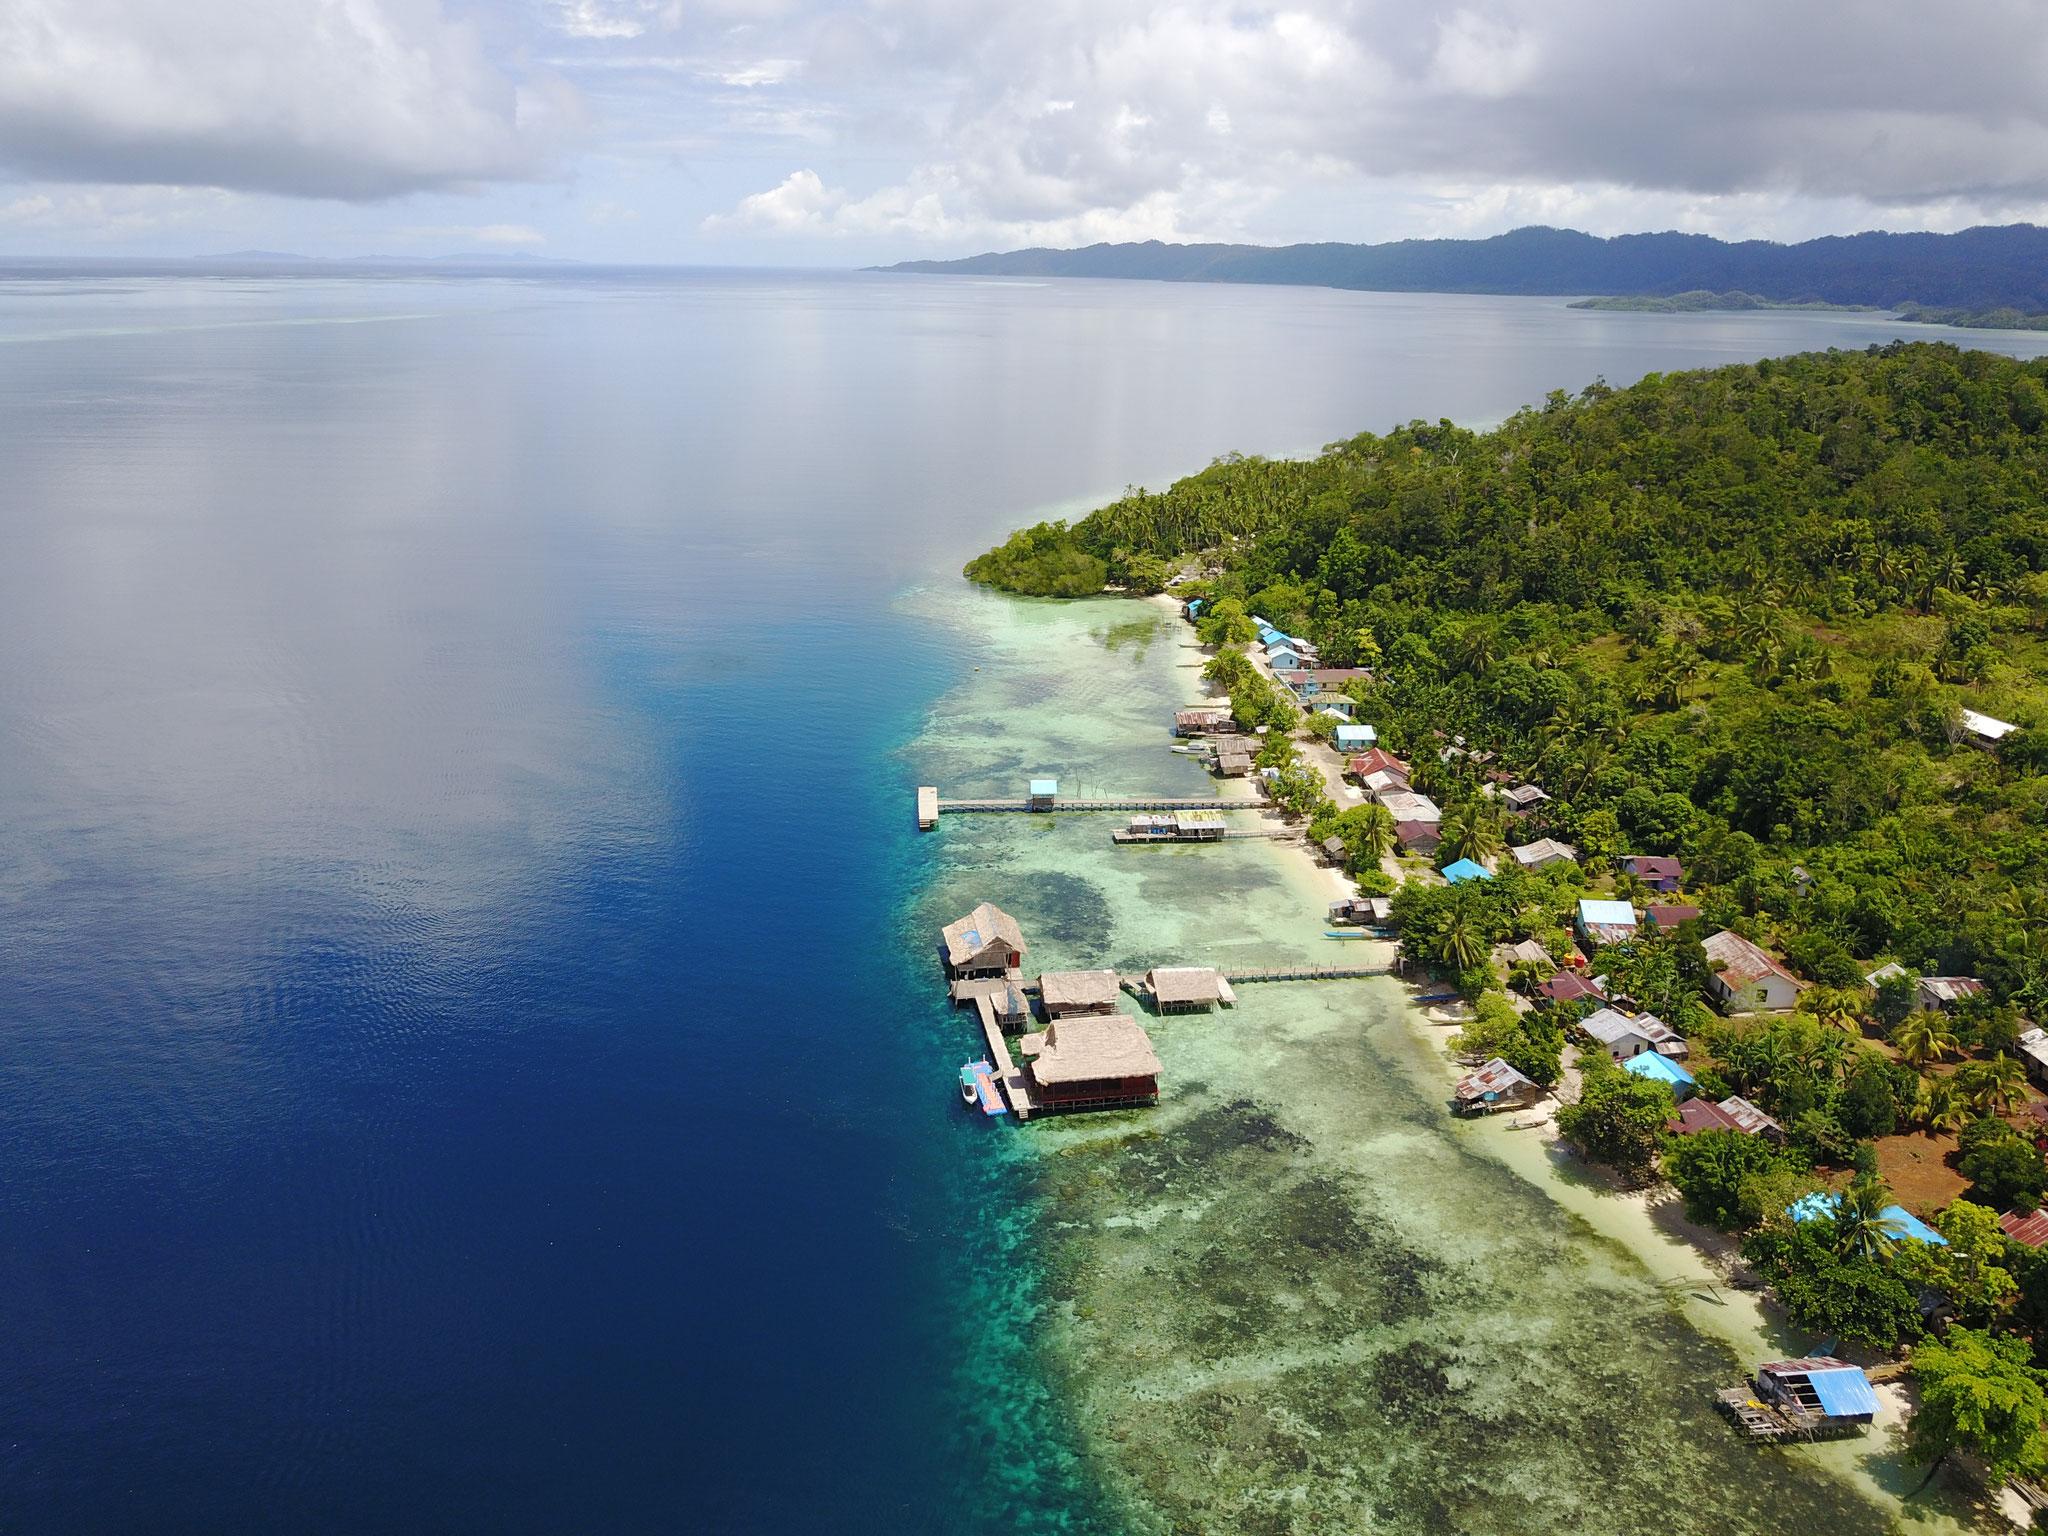 Wie alle Dörfer in Raja Ampat ist auch Sawinggrai durch sein intaktes Korallenriff geschützt